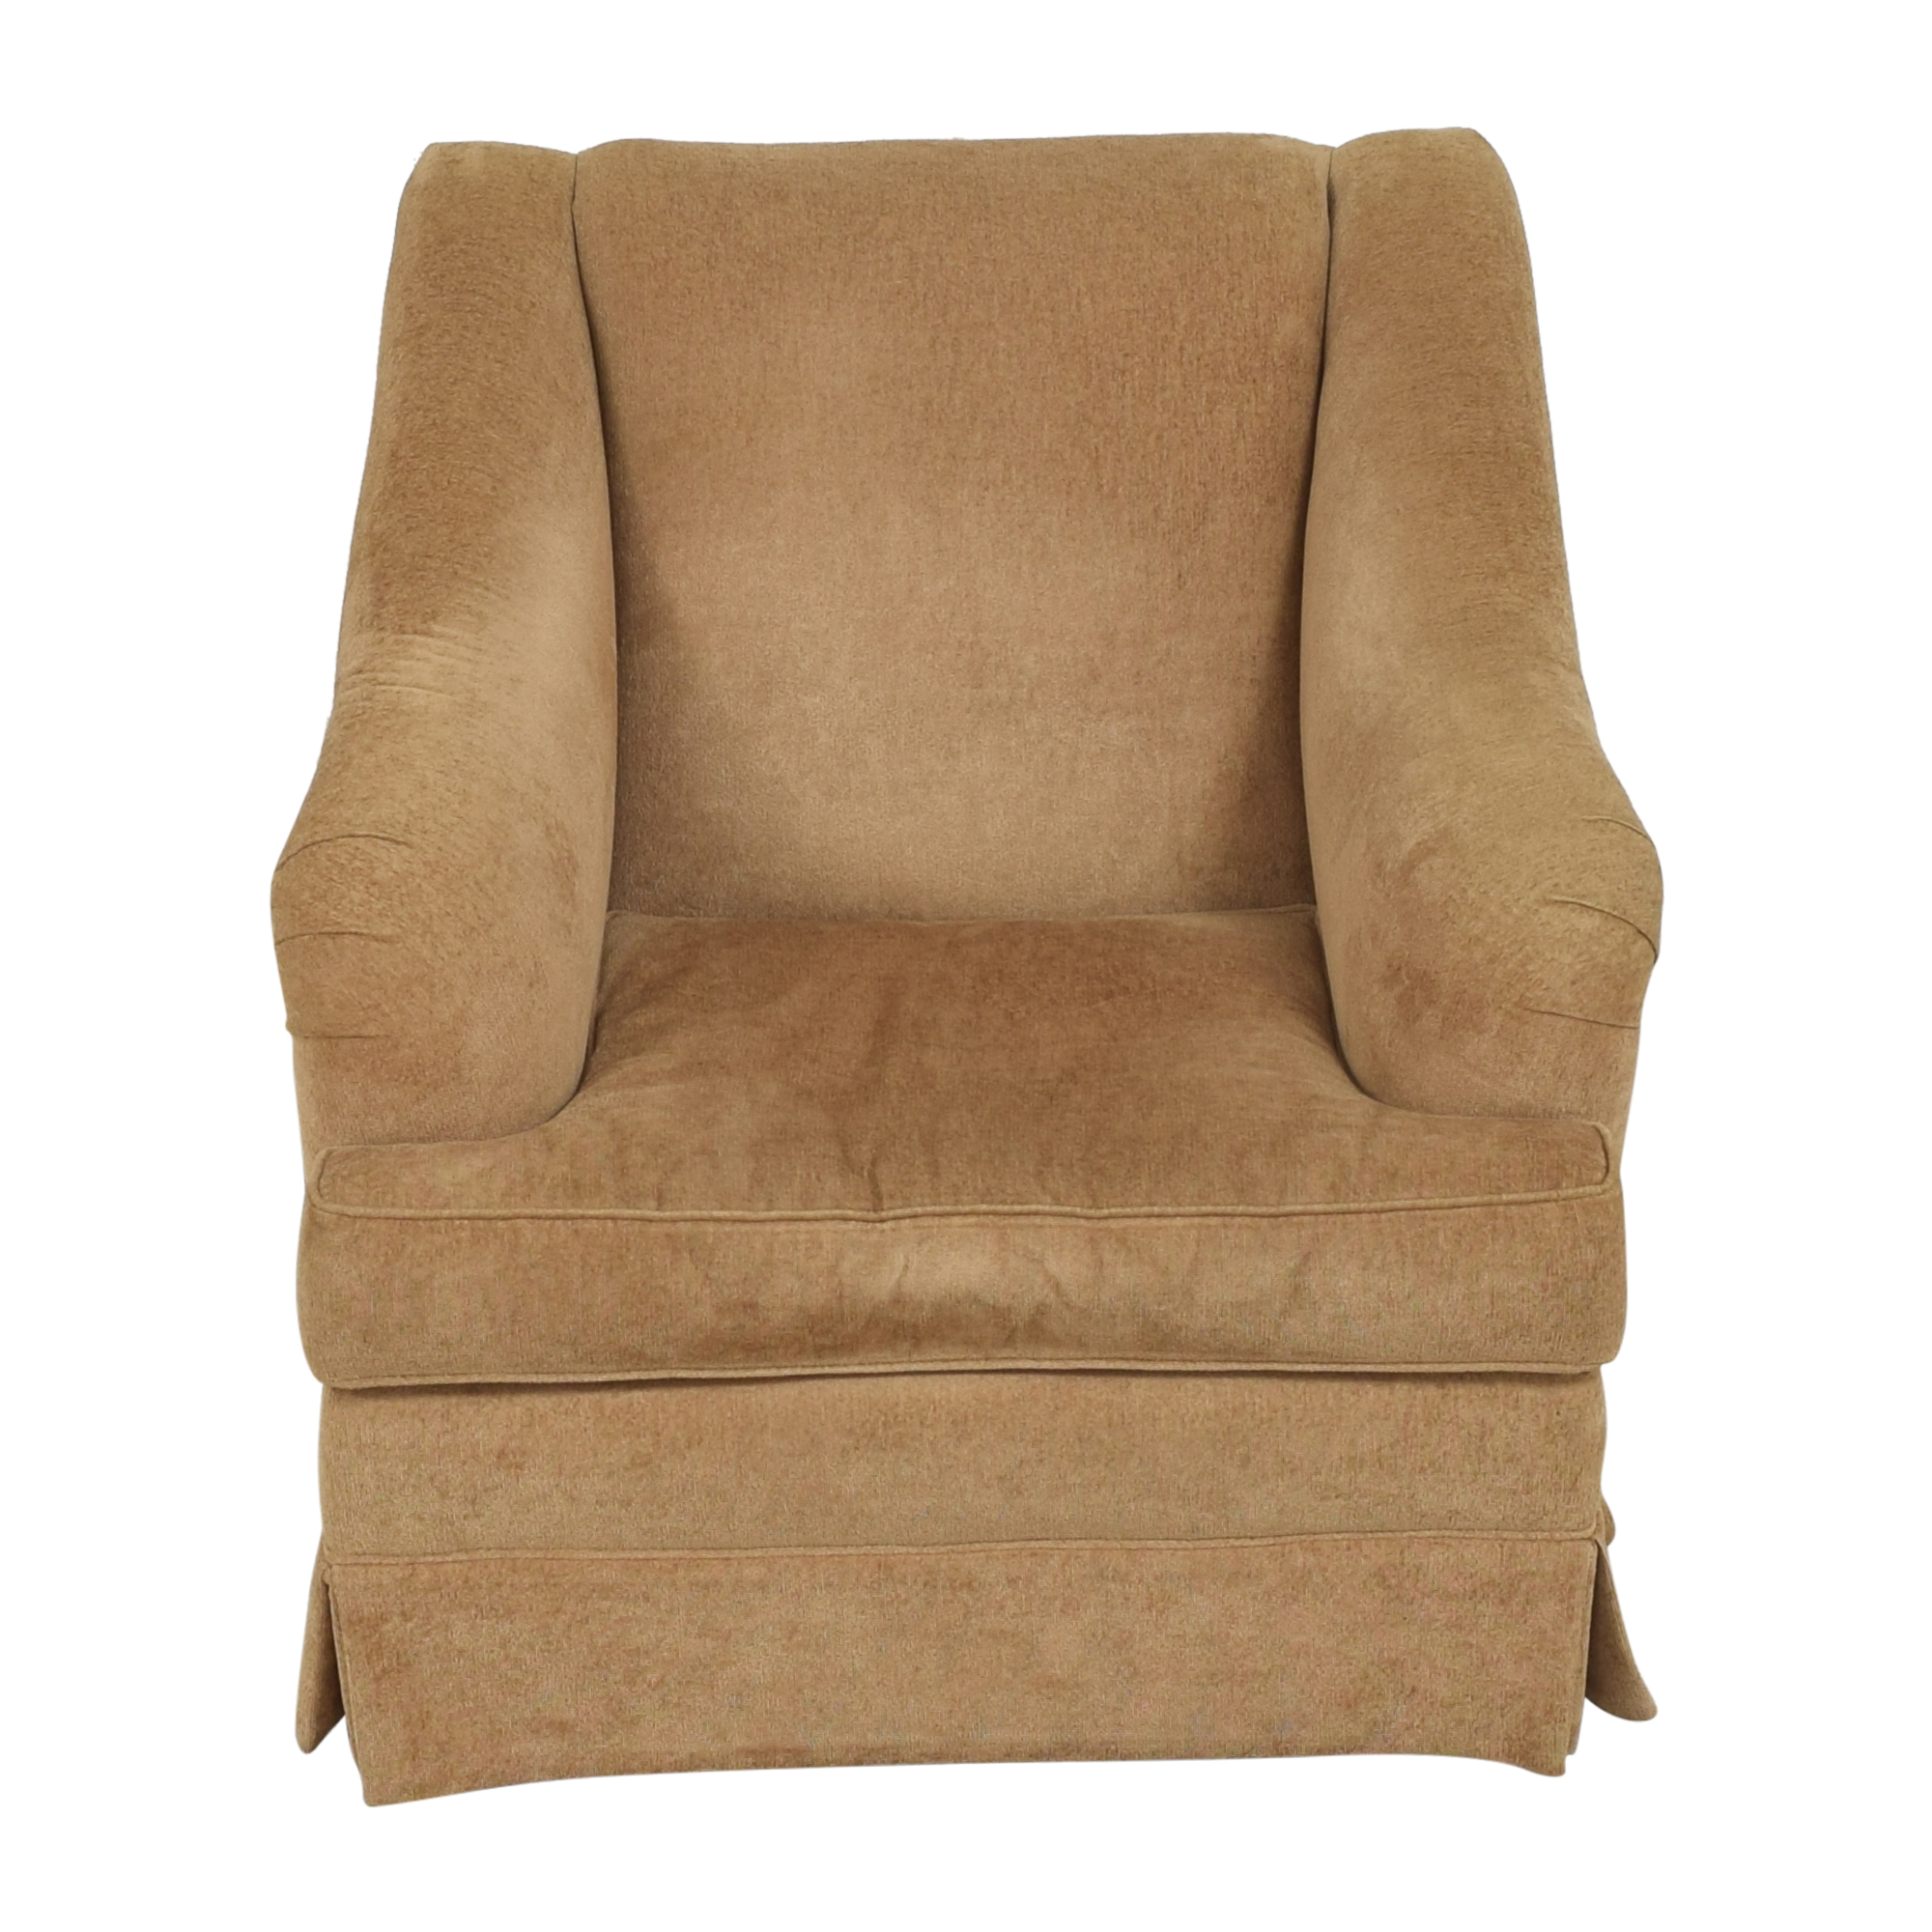 Pearson Pearson Skirted Accent Chair